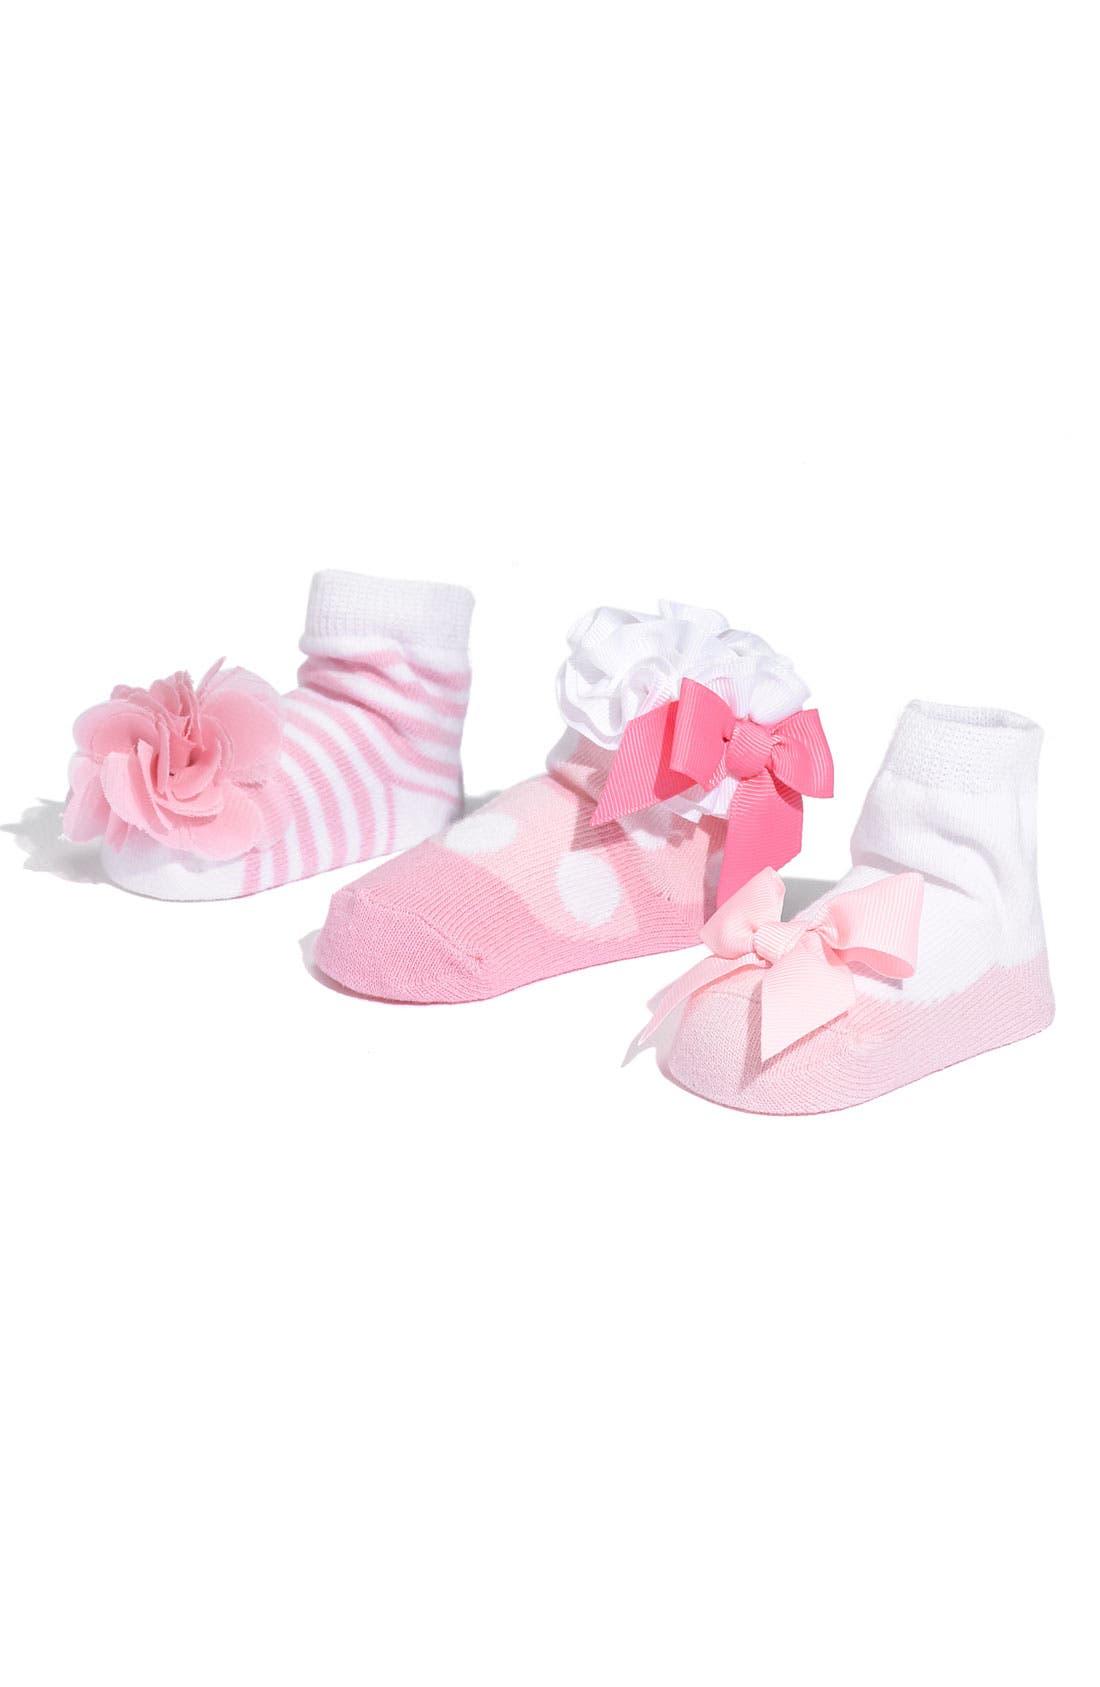 Alternate Image 1 Selected - Mud Pie Socks Set (3-Pack)(Baby Girls)